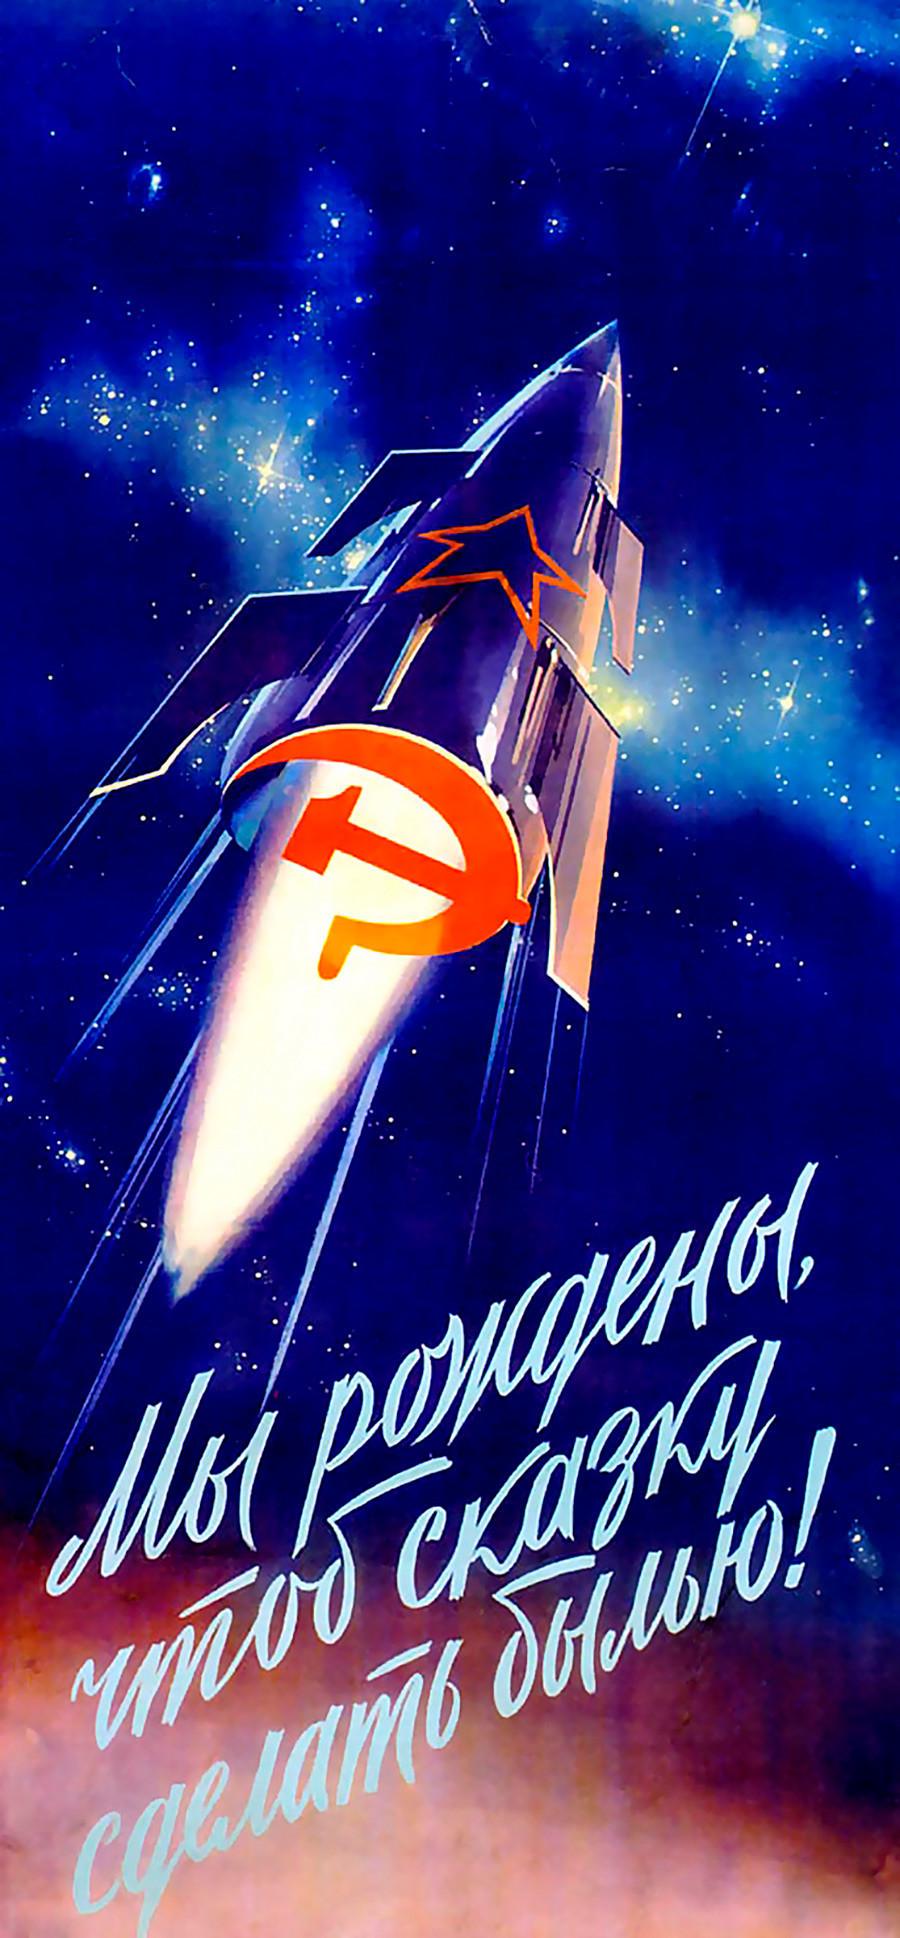 »Rodili smo se, da bi uresničili pravljice!« Verz iz priljubljene sovjetske pesmi Marš letalcev (1923).